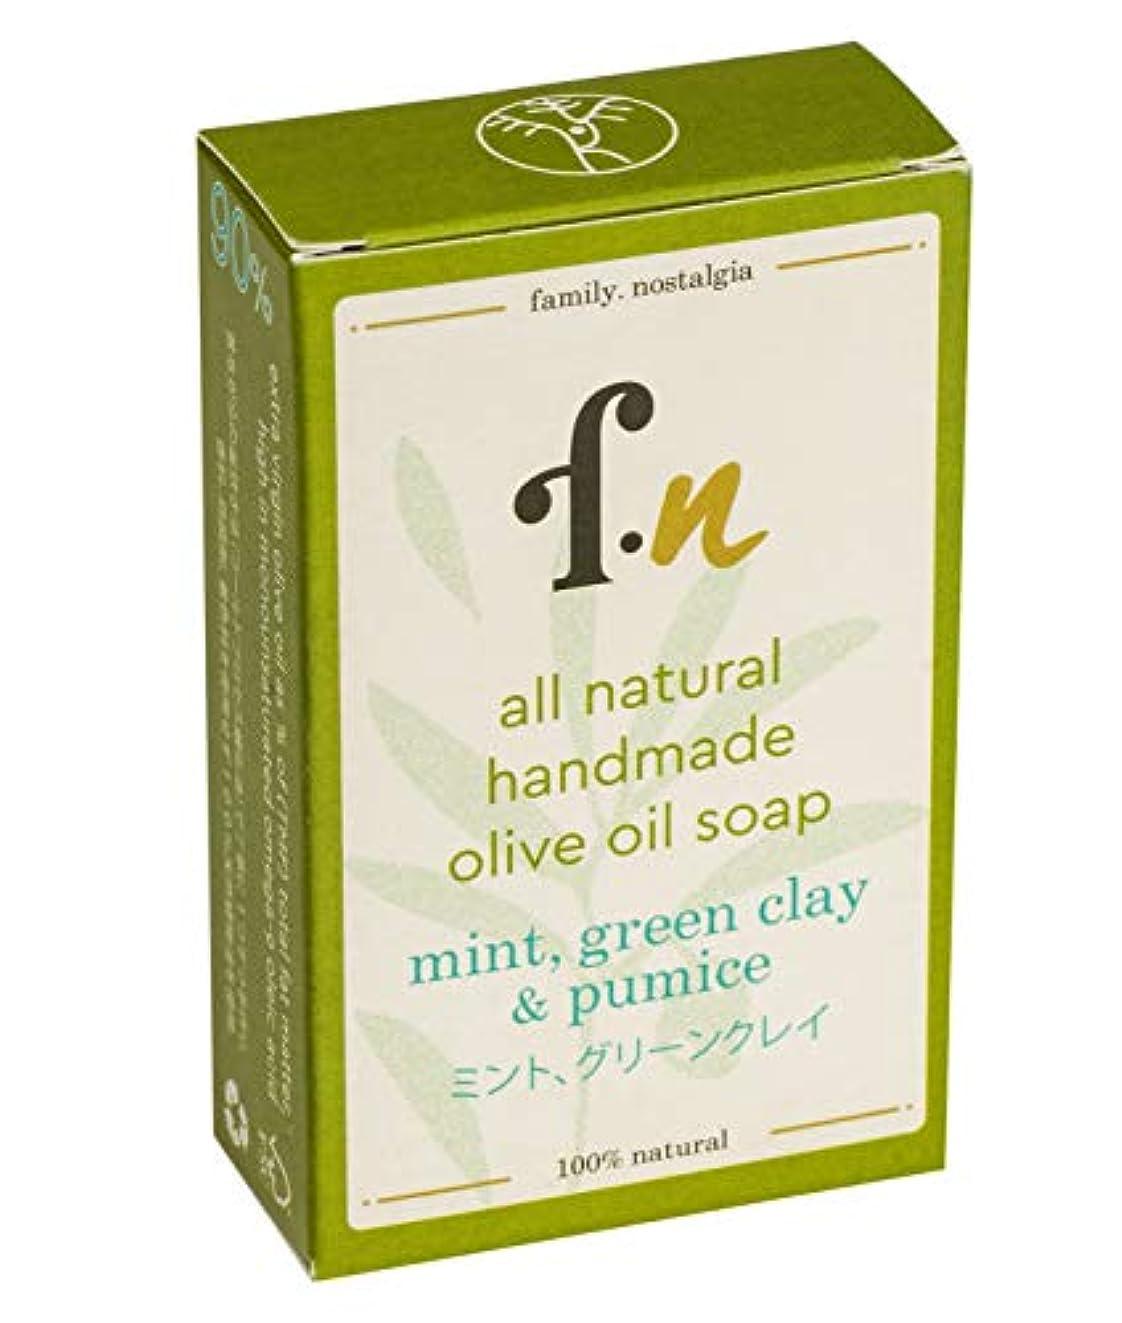 関連する準拠人間family. nostalgia | オールナチュラル手作りオリーブオイル石鹸 all natural handmade olive oil soap ミント、グリーンクレイ (mint)